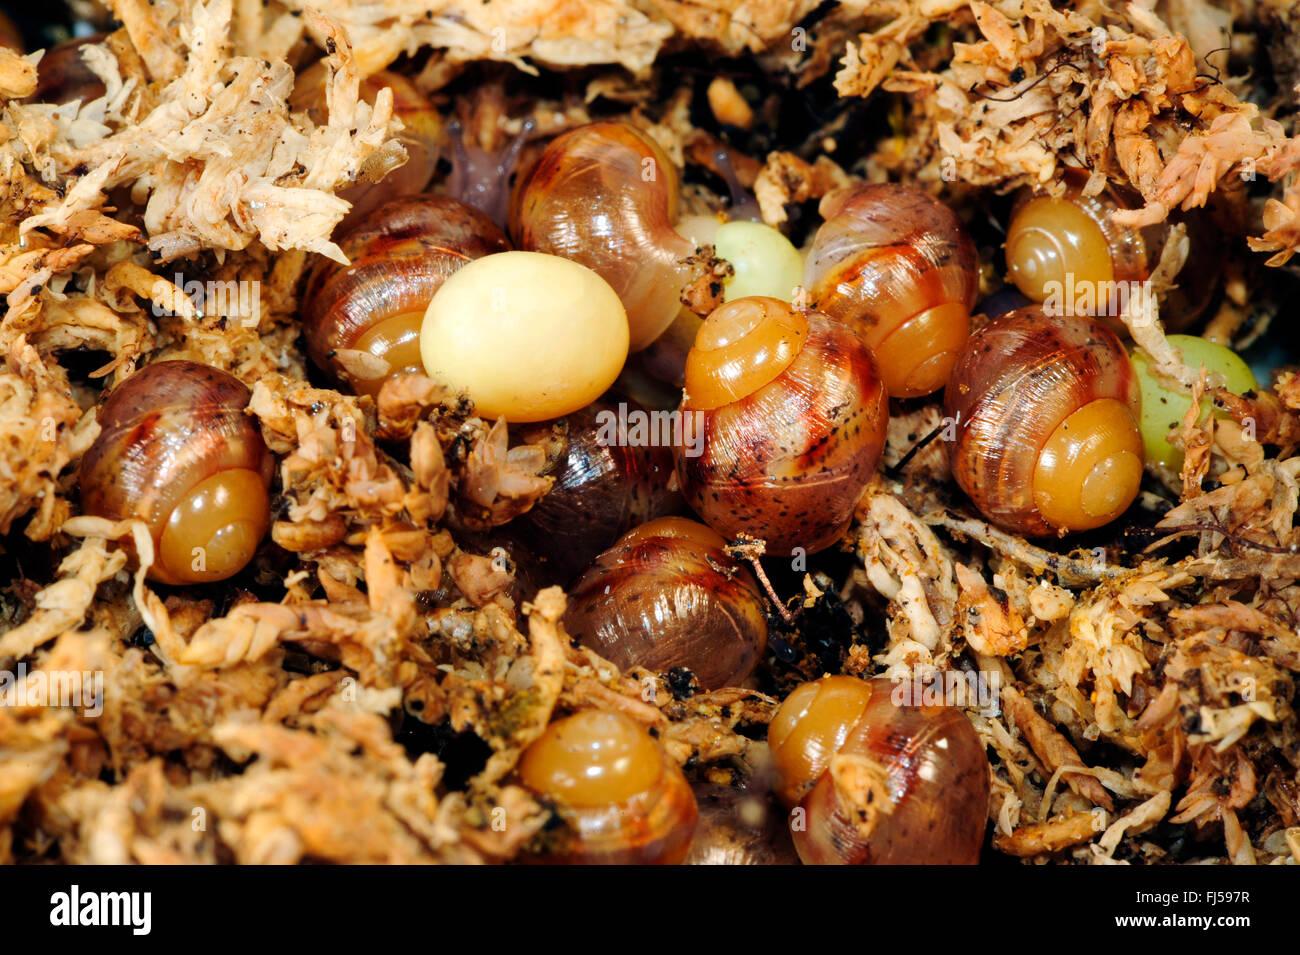 slippery moss snails, pillar snails (Achatia spec.), egg and newly hatched slippery moss snails, South Africa - Stock Image